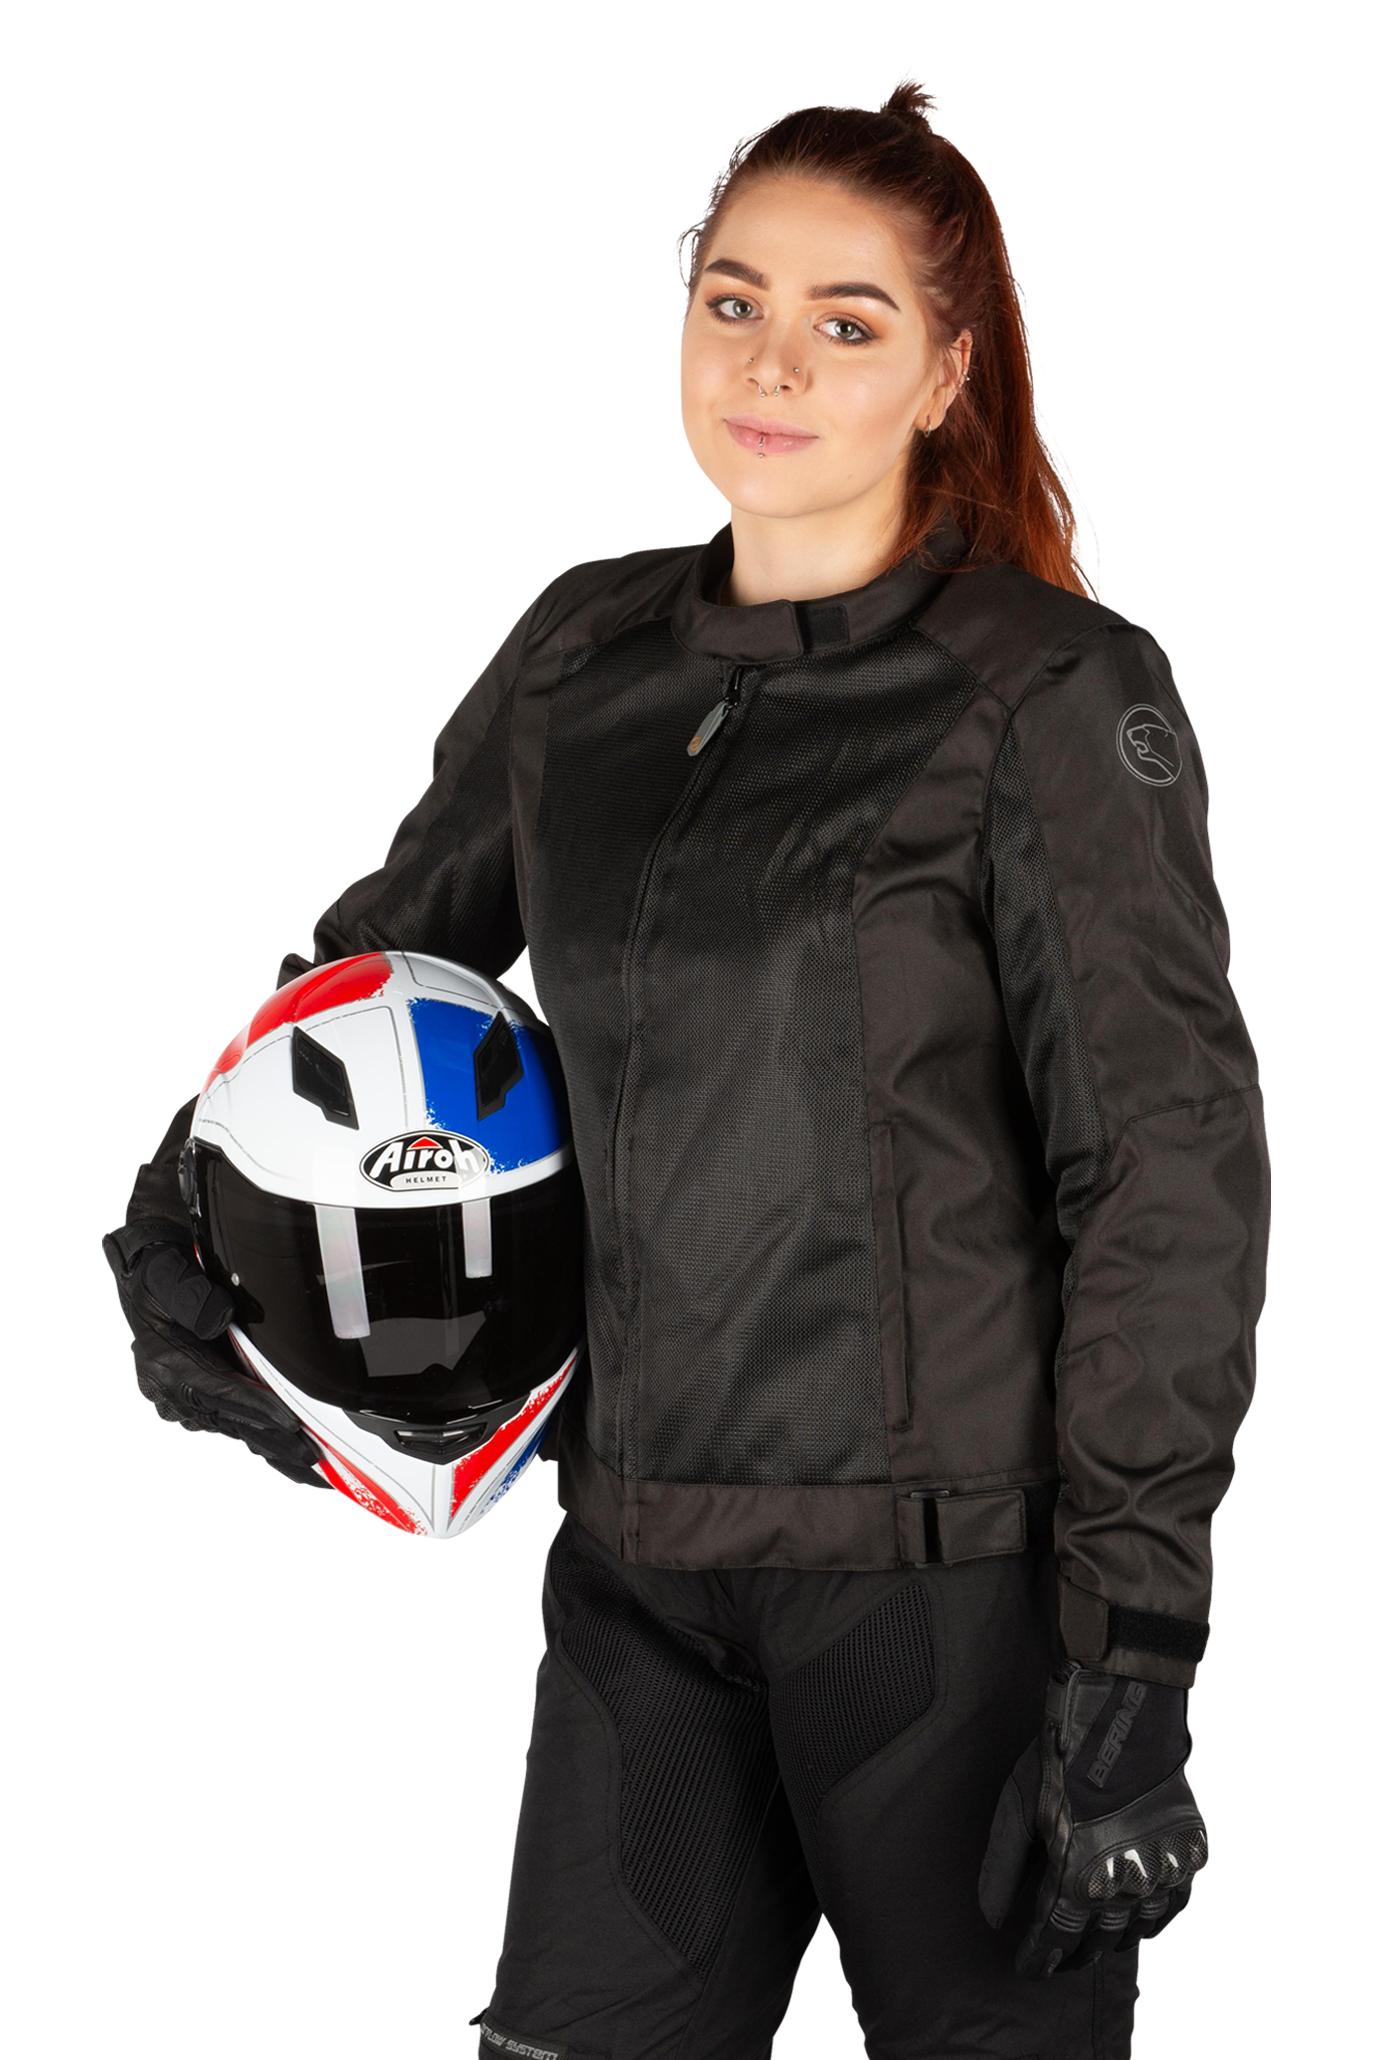 Bering Veste Moto Femme Bering Riko Queen Noire 46 (2XL)